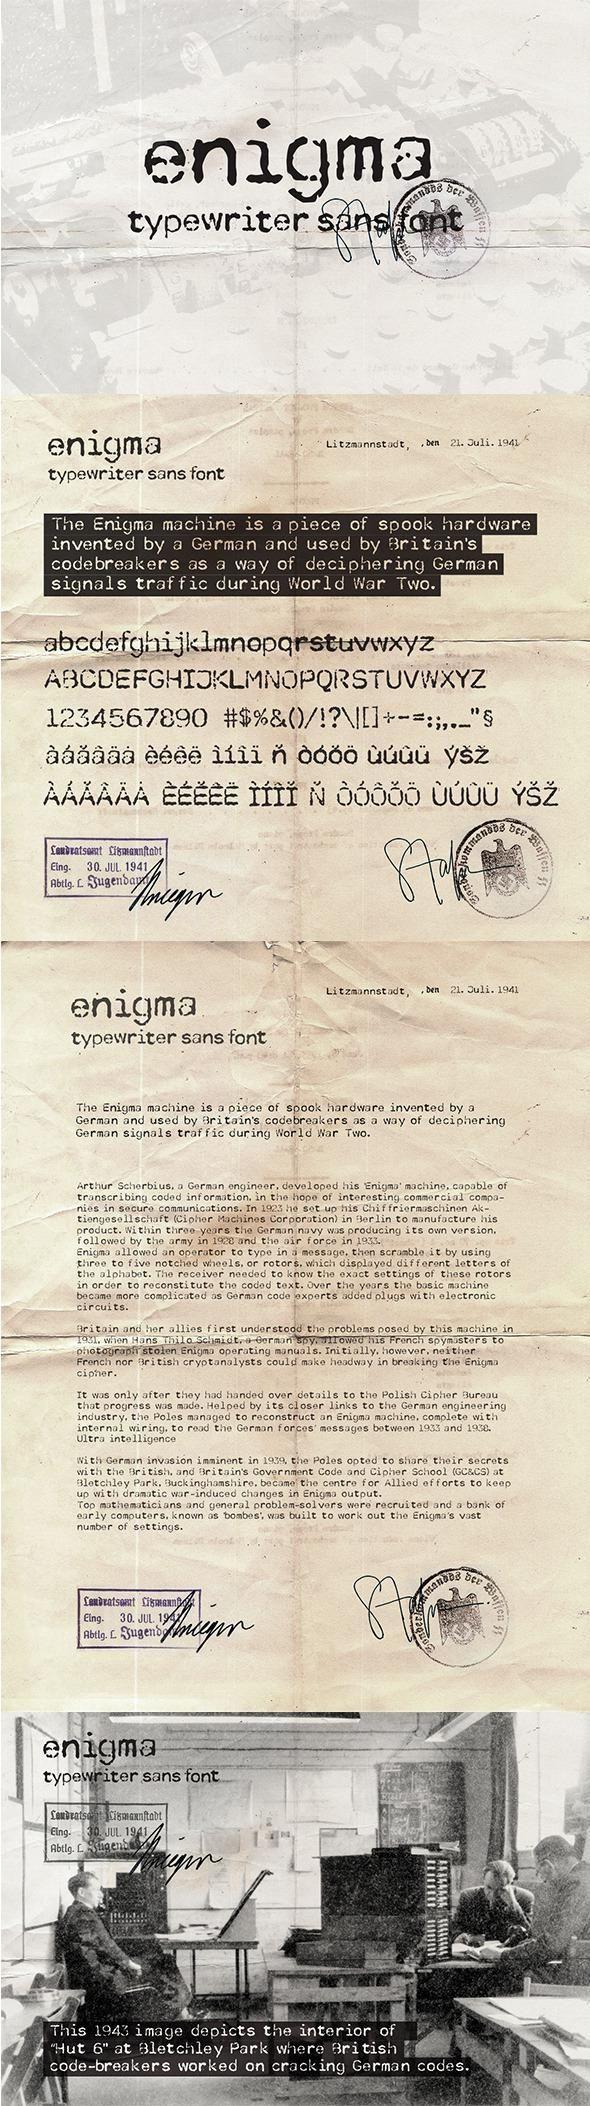 Enigma Typewriter Sans Font for 14 Envato Market font